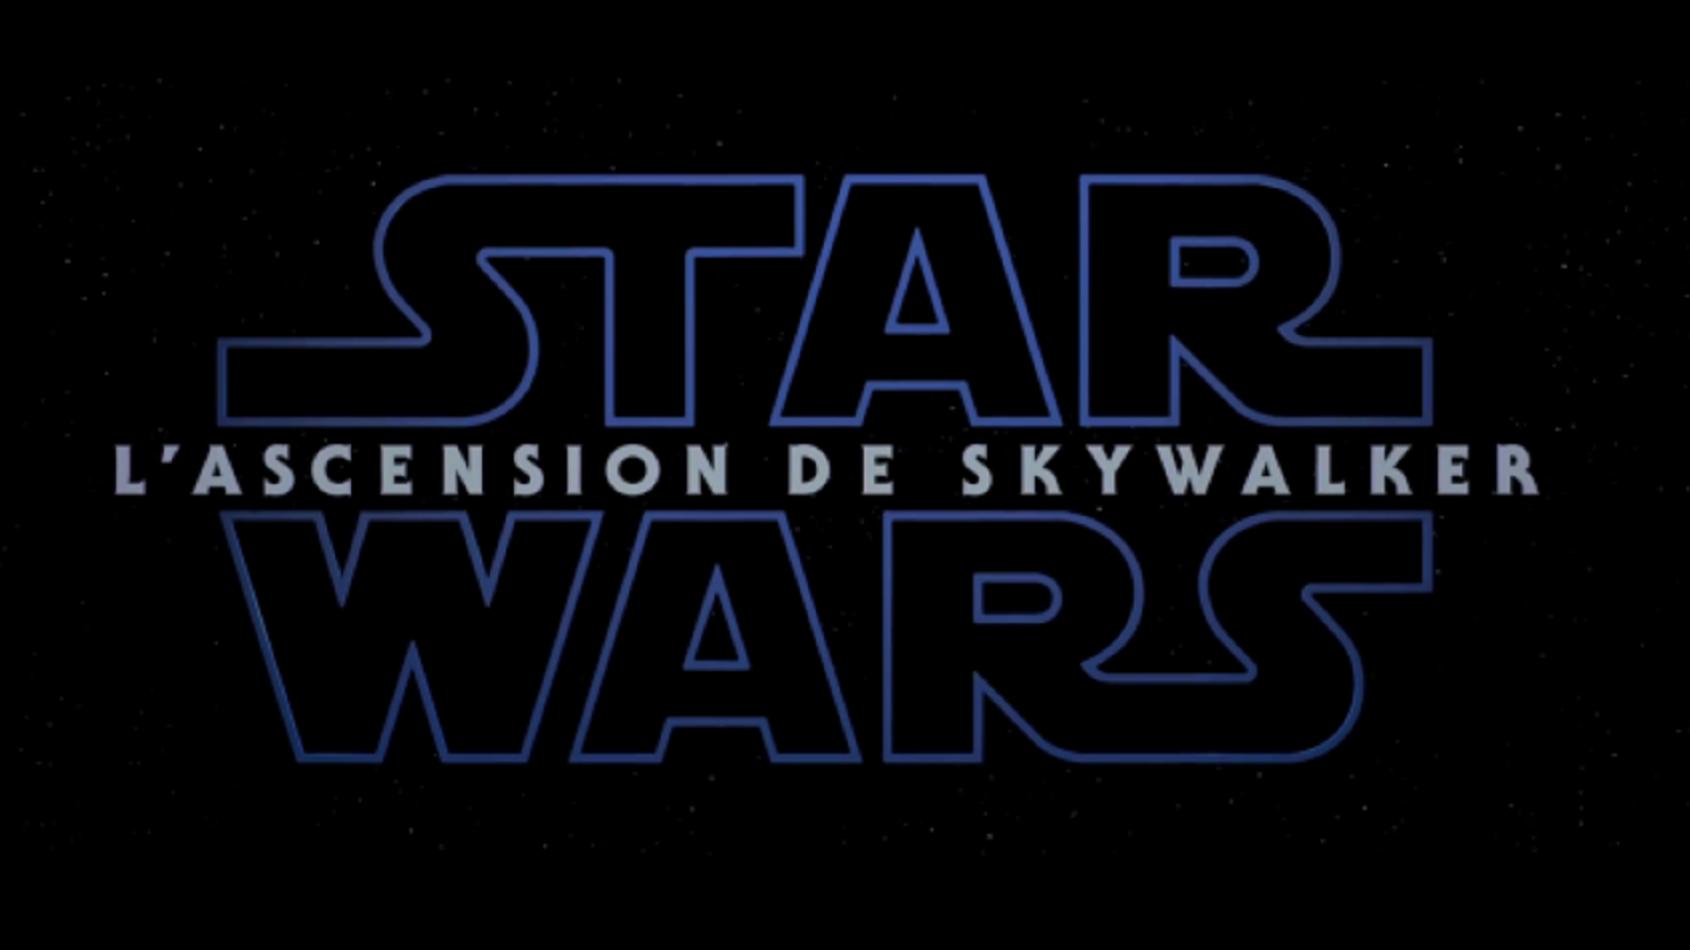 Nouvelles images pour L'ascension de Skywalker